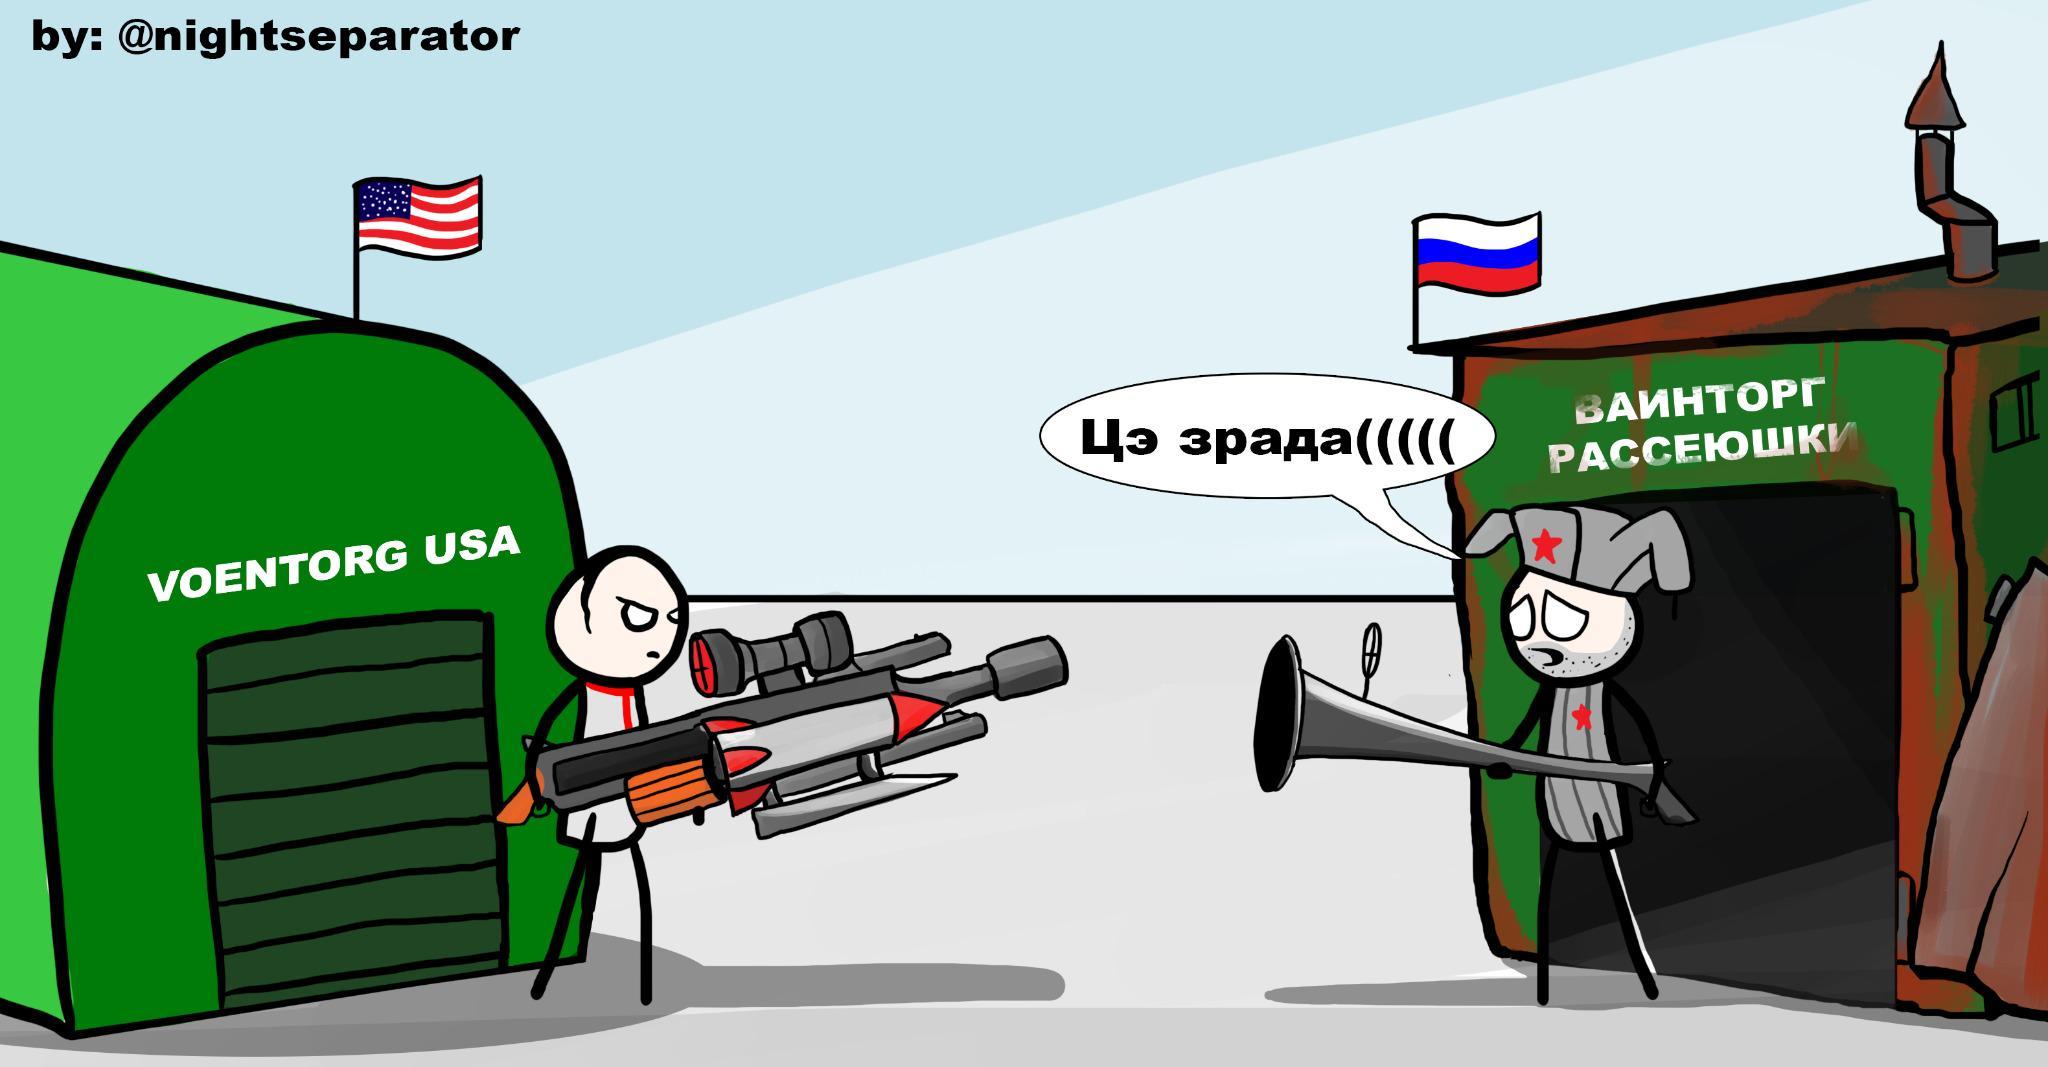 Обстрел террористами Краматорска - попытка расширить территорию вооруженного противостояния, - МИД - Цензор.НЕТ 8799